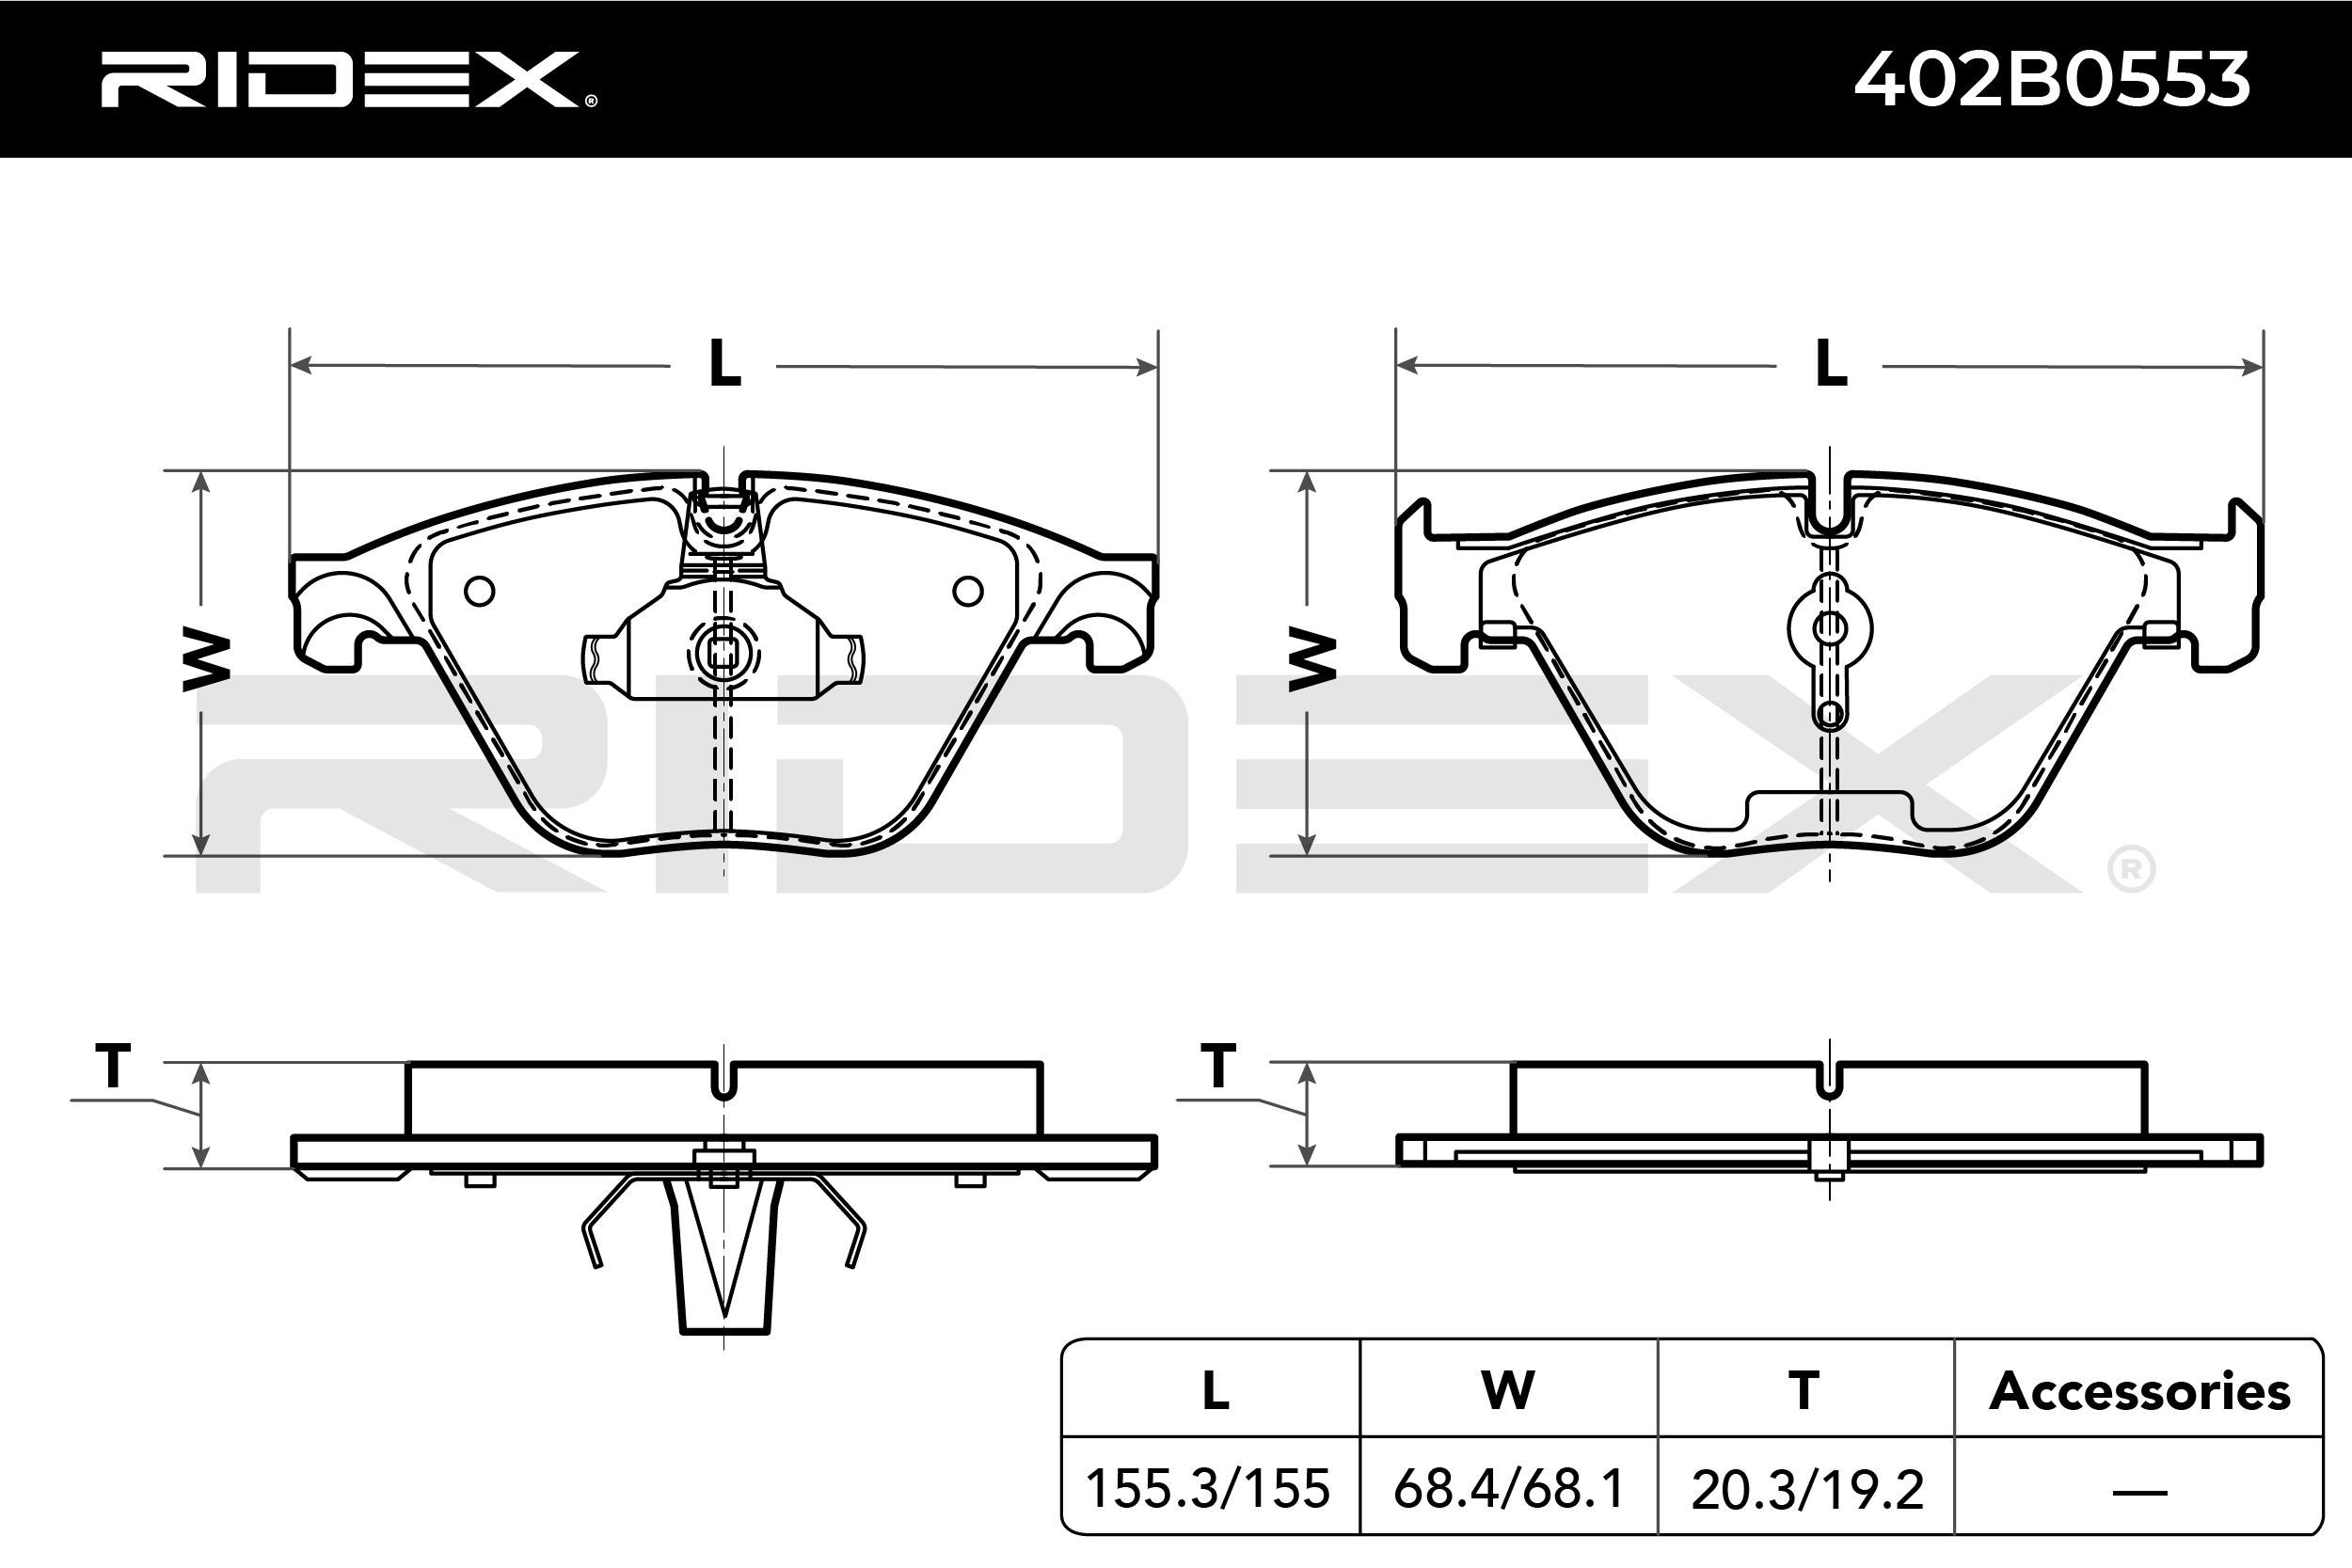 Bremsklötze RIDEX 402B0553 4059191141500